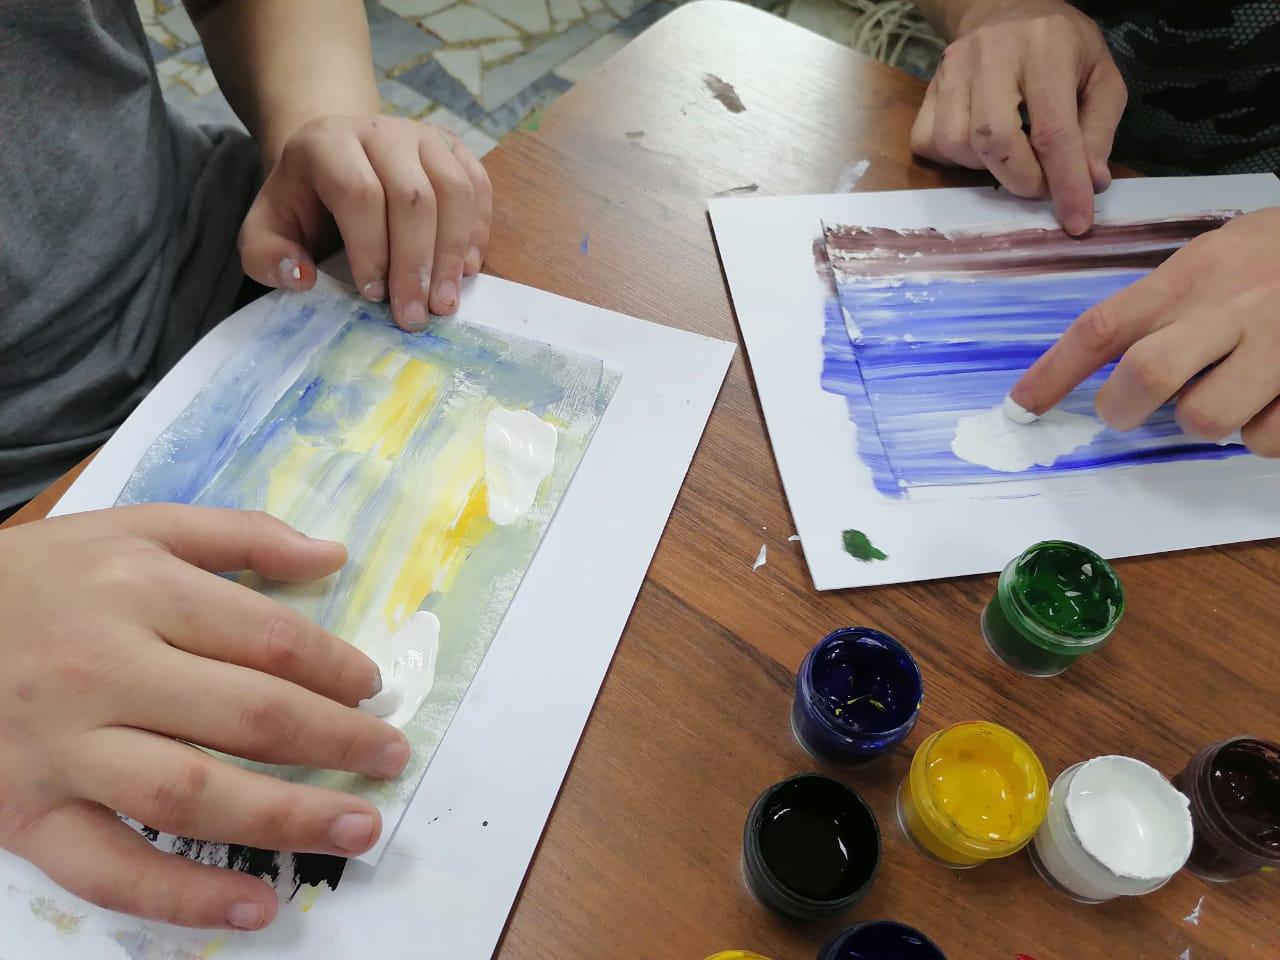 руки трогают акварельные рисунки